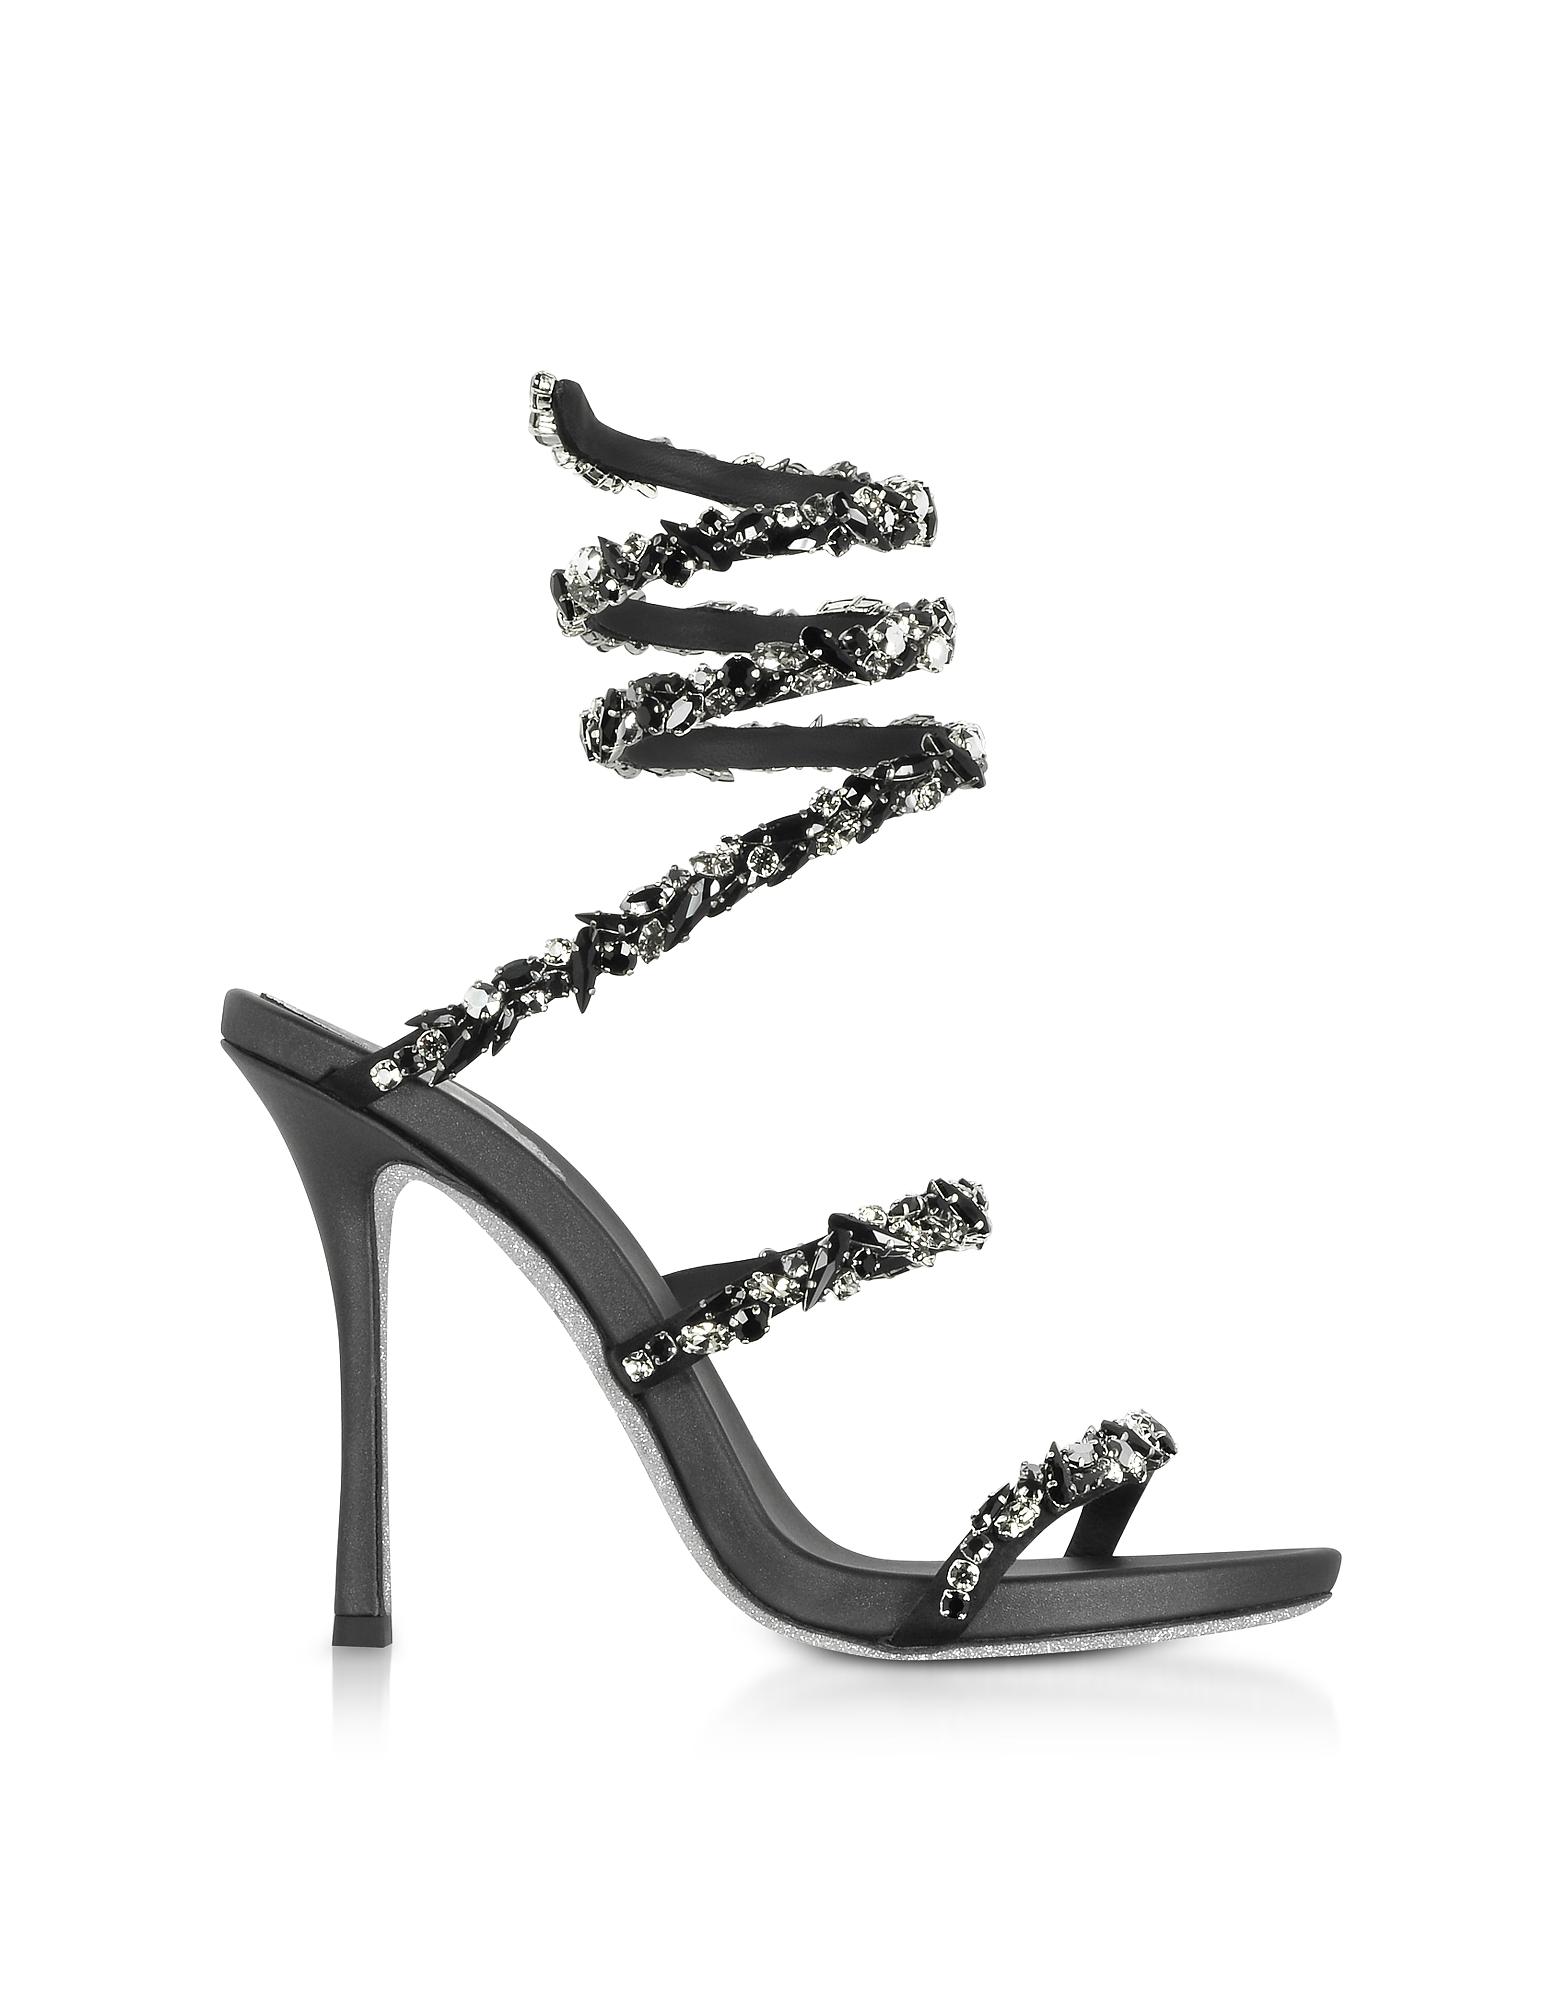 Image of Rene Caovilla Designer Shoes, Black Satin and Black Crystals High Heel Sandals